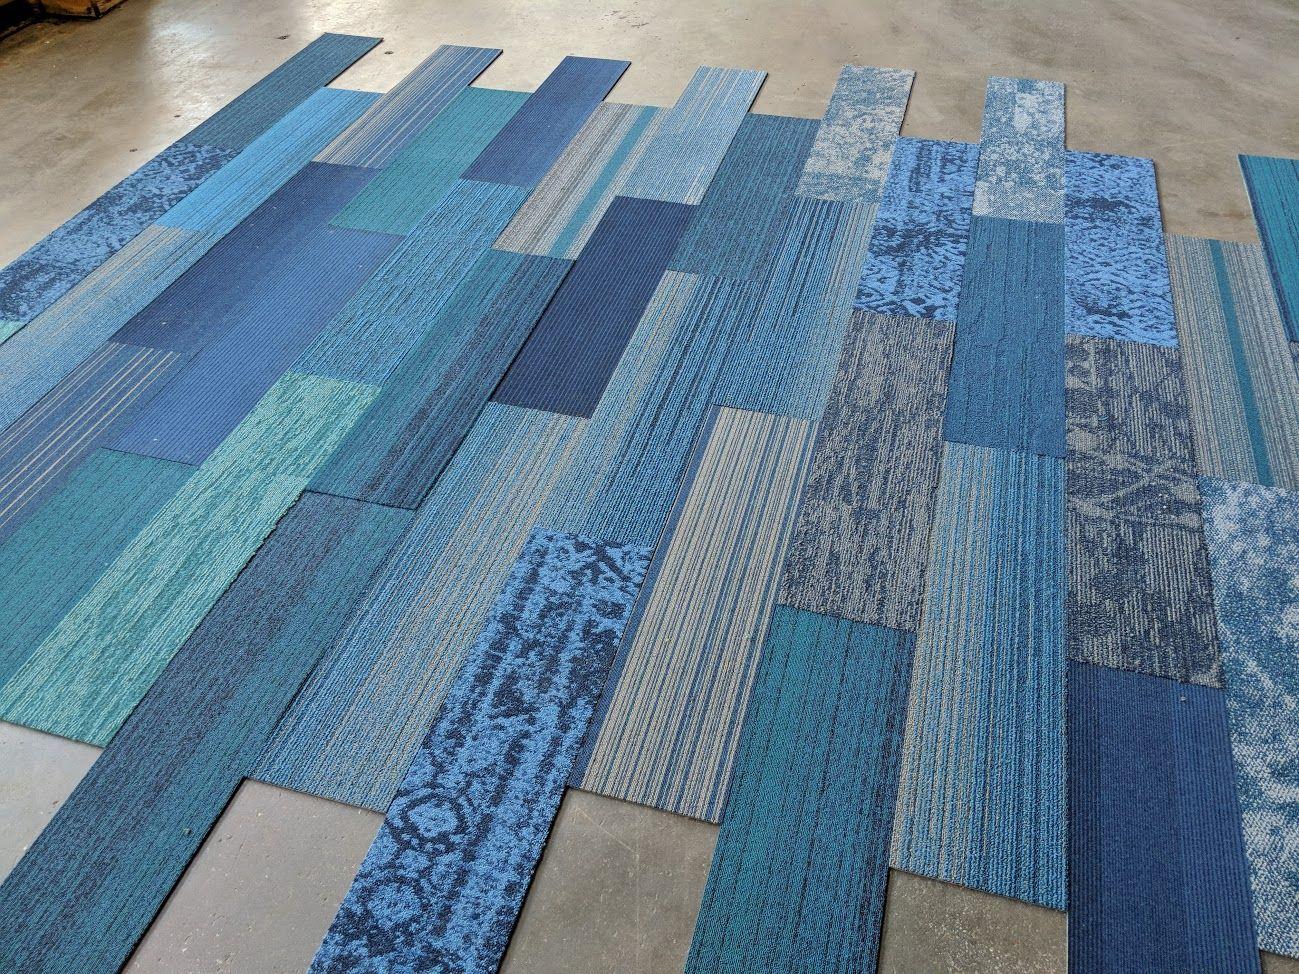 Blue Family Designer Plank Carpet Tiles (9.75 x 39.4